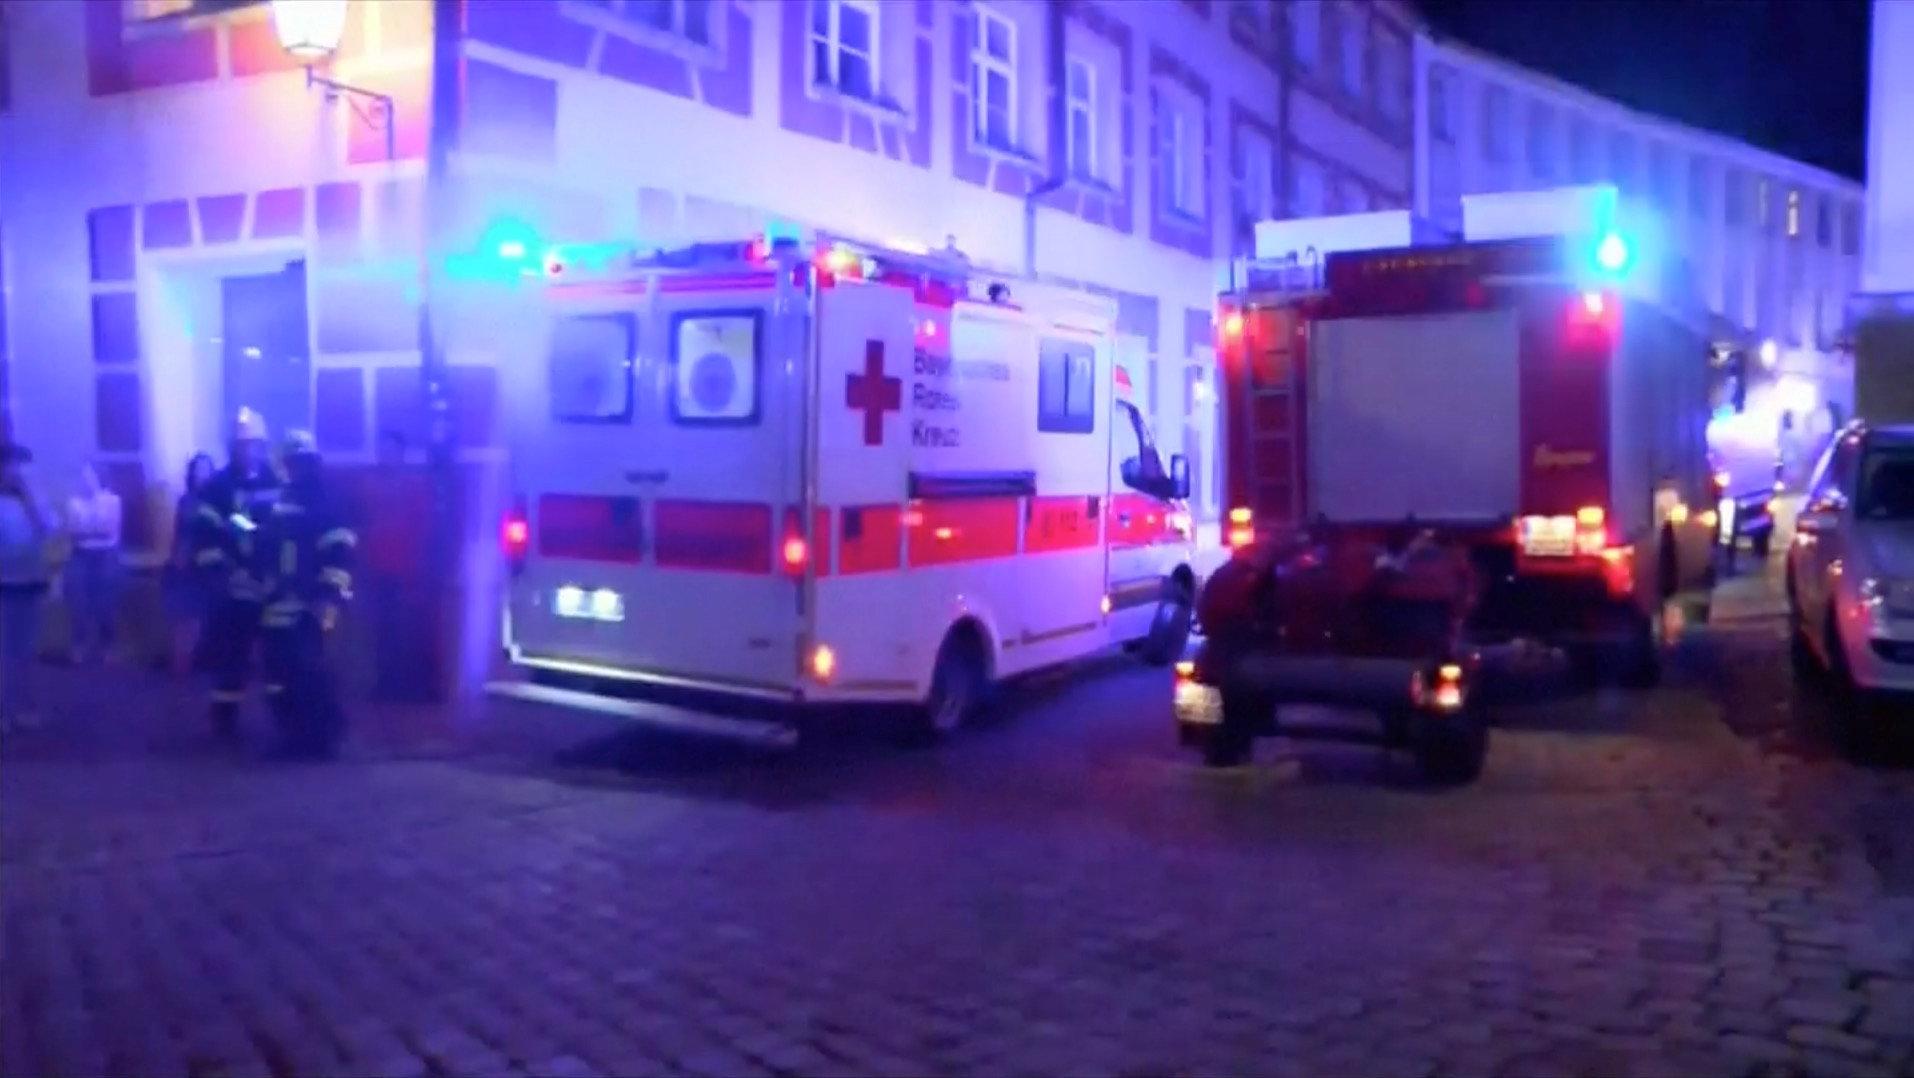 Germania, attentato ad Ansbach: muore l'attentatore e 12 feriti